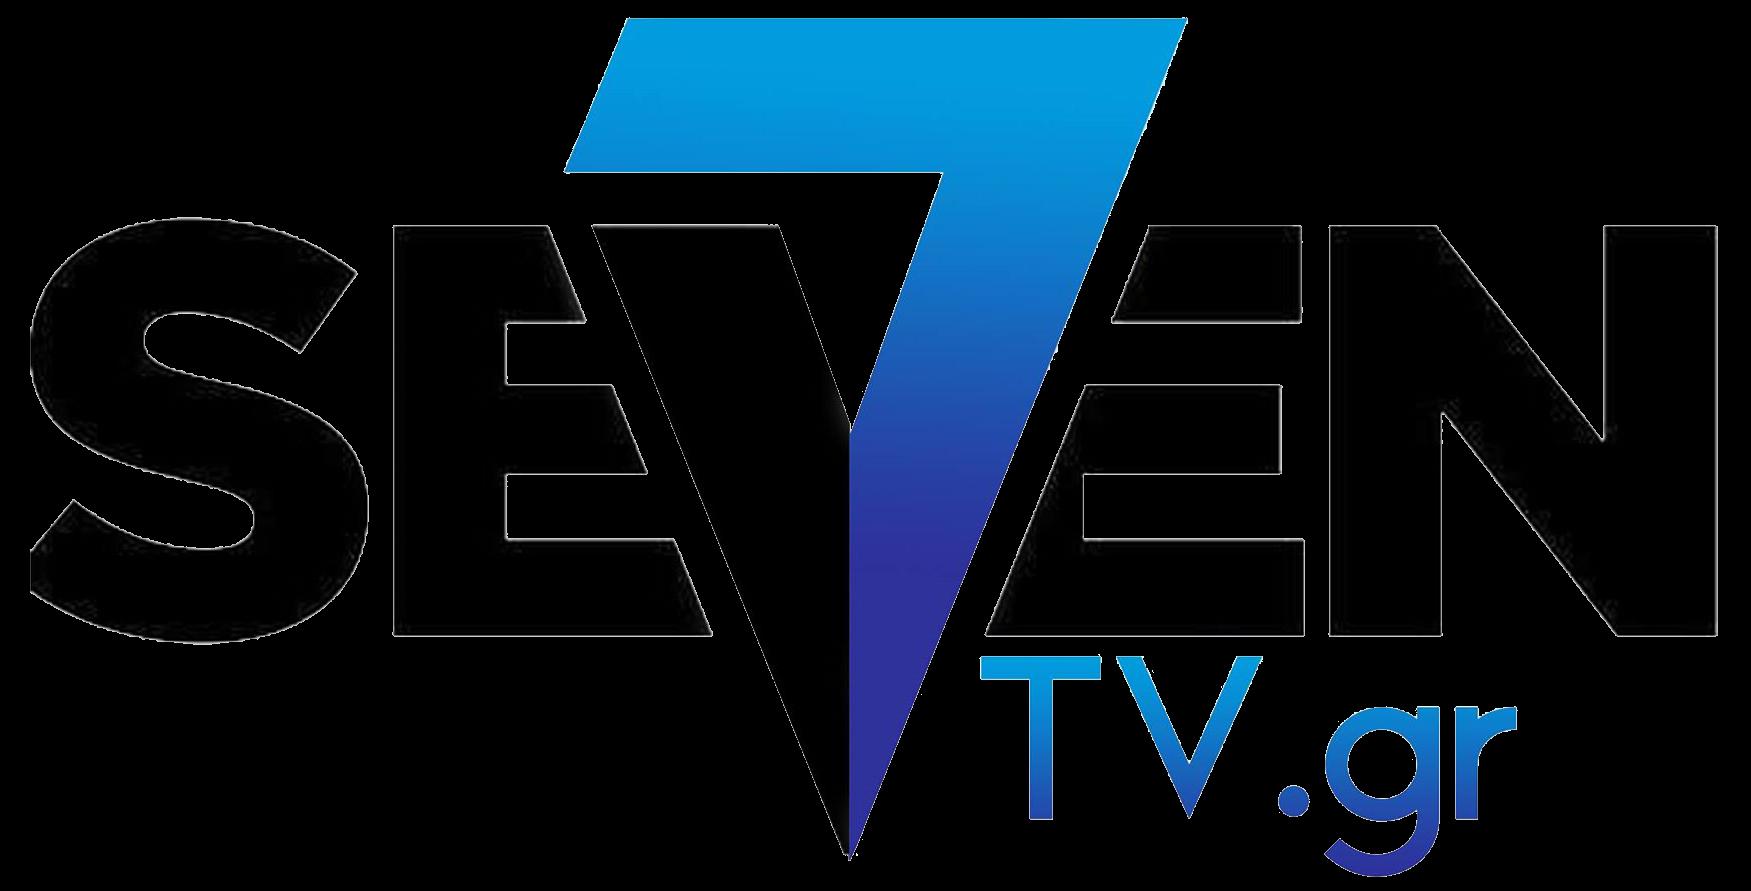 seventv.gr